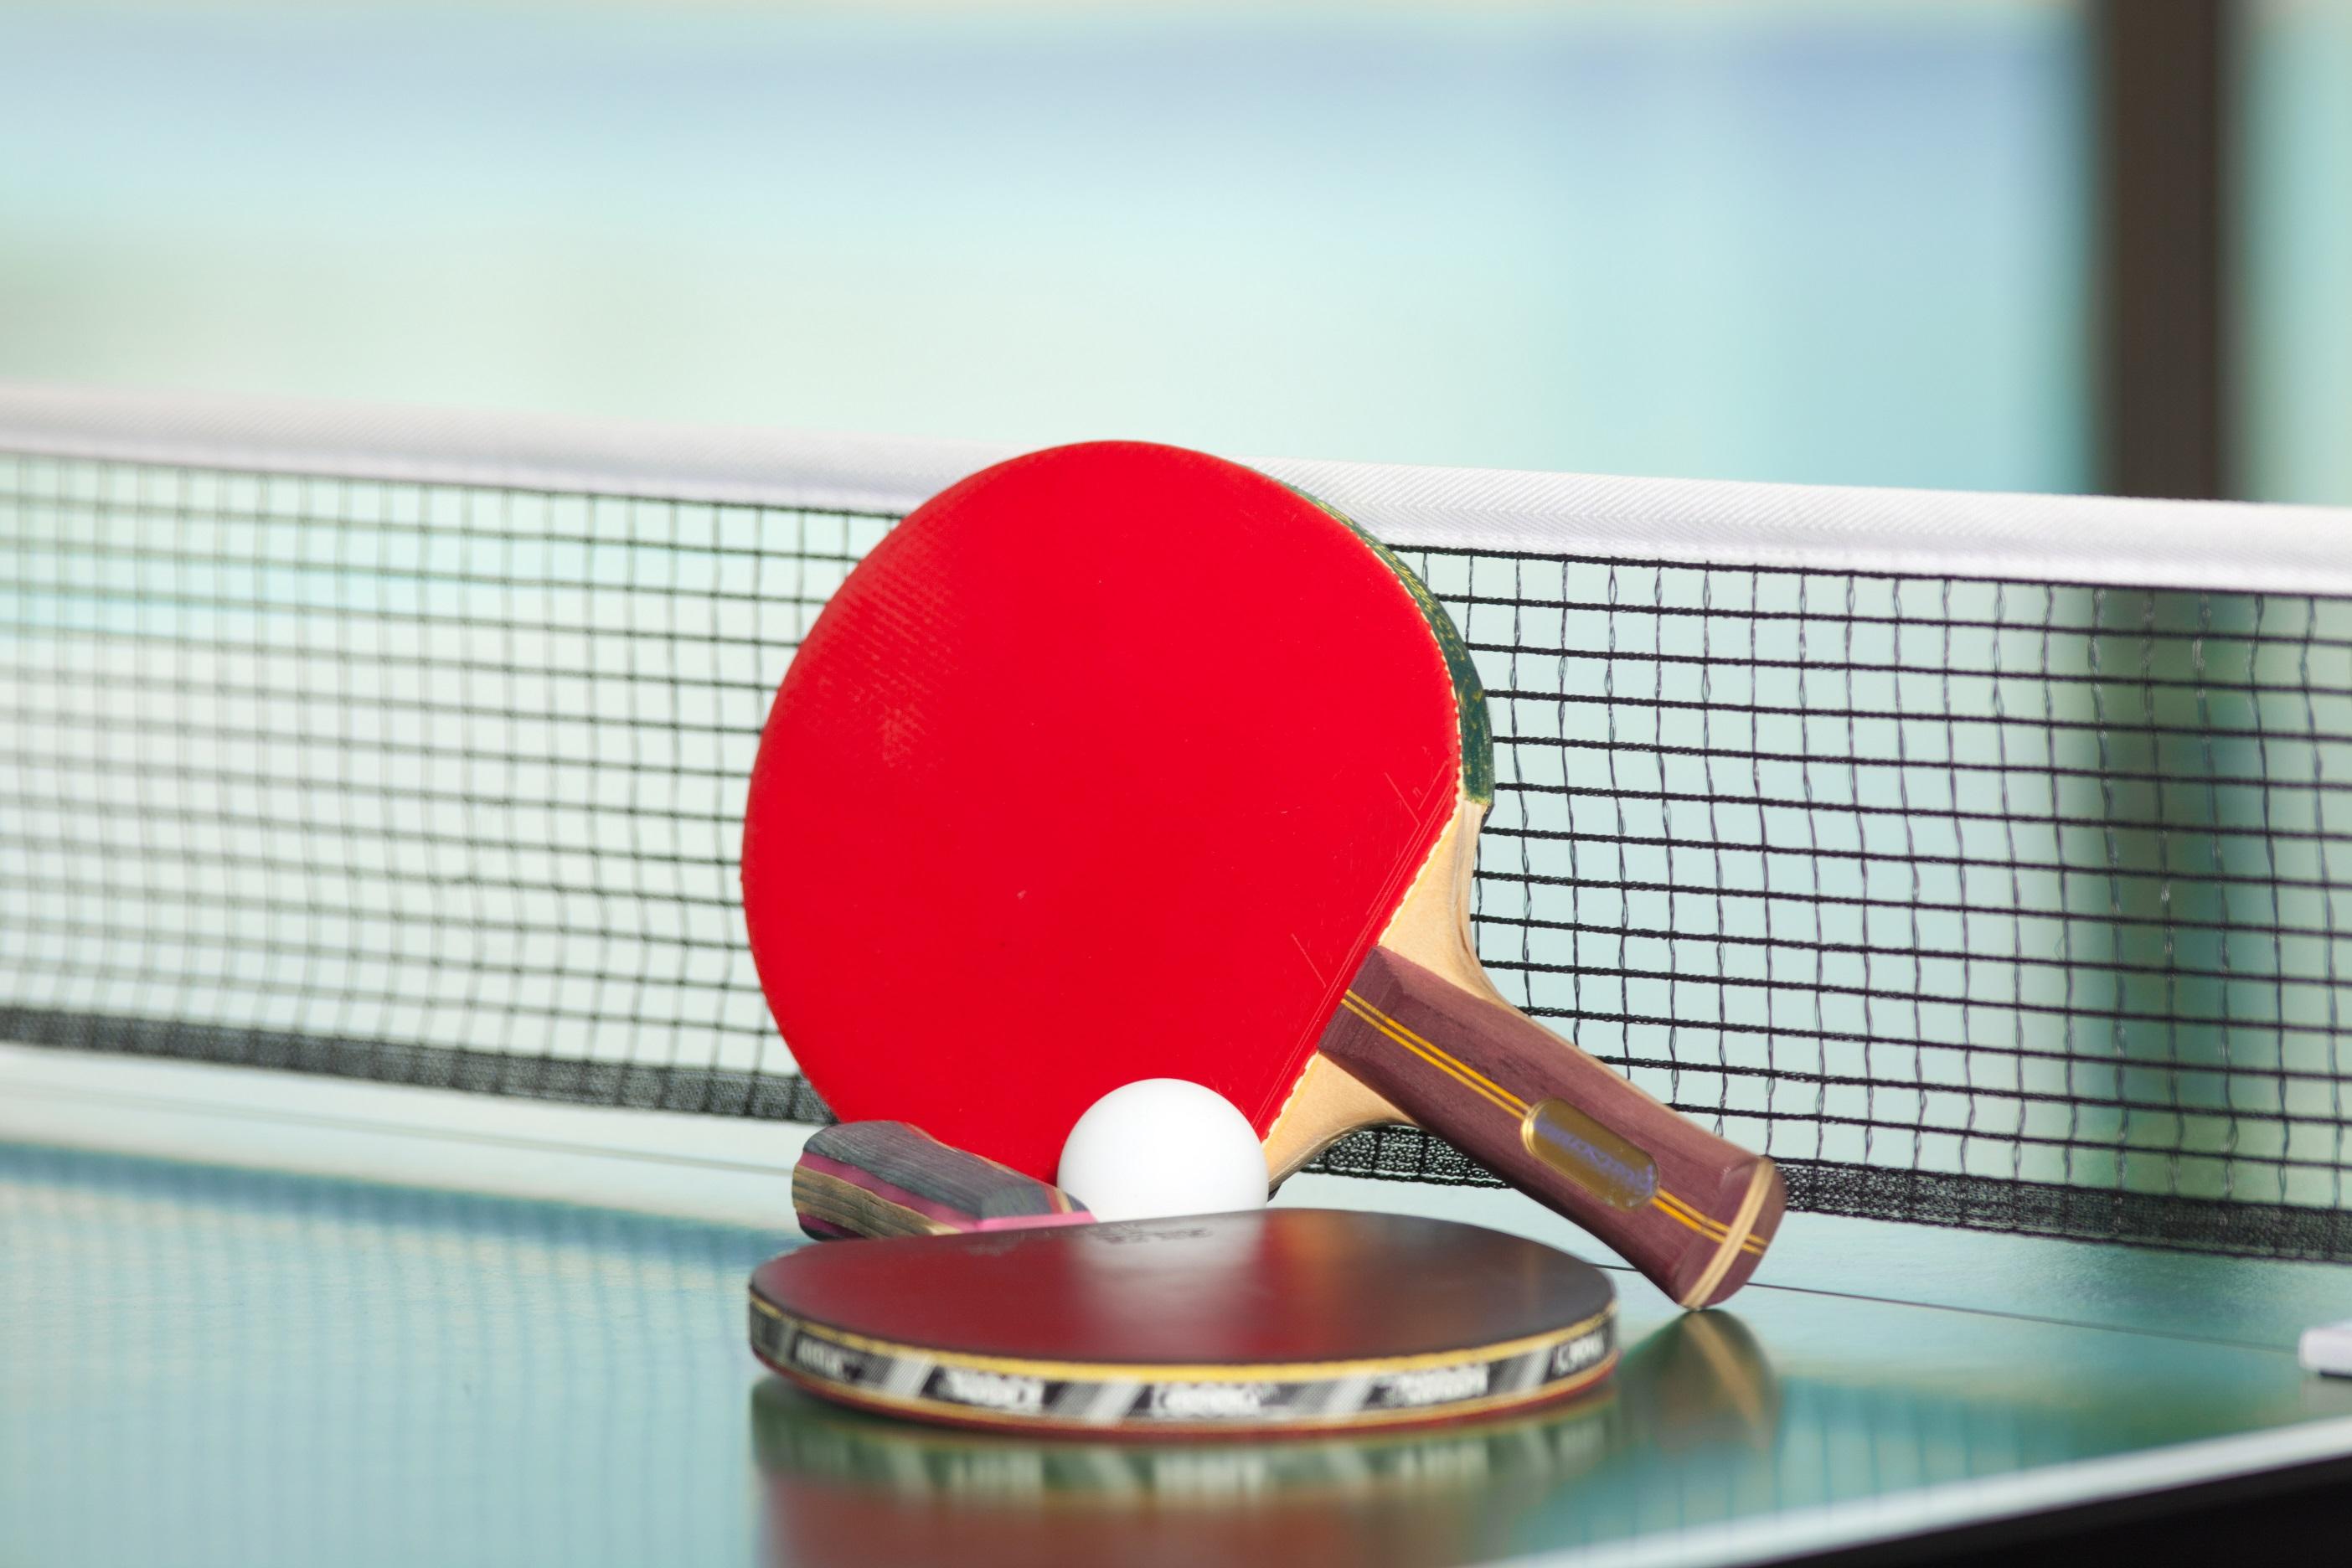 Tournoi de ping-pong.